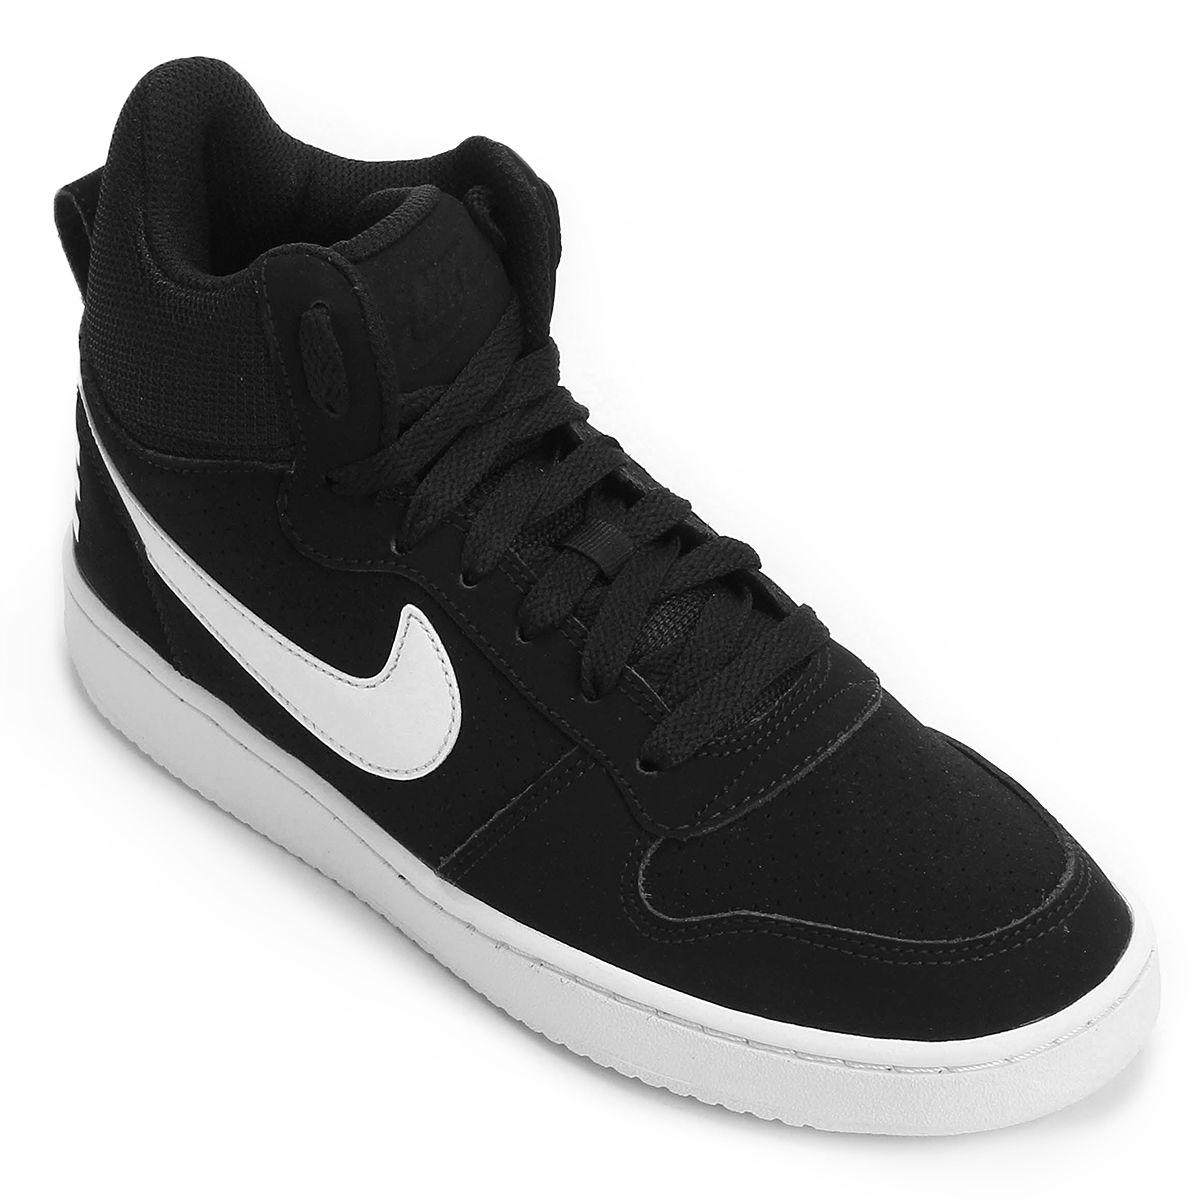 d086f1d35db Tênis Couro Cano Alto Nike Recreation Mid Feminino - Preto e Branco ...